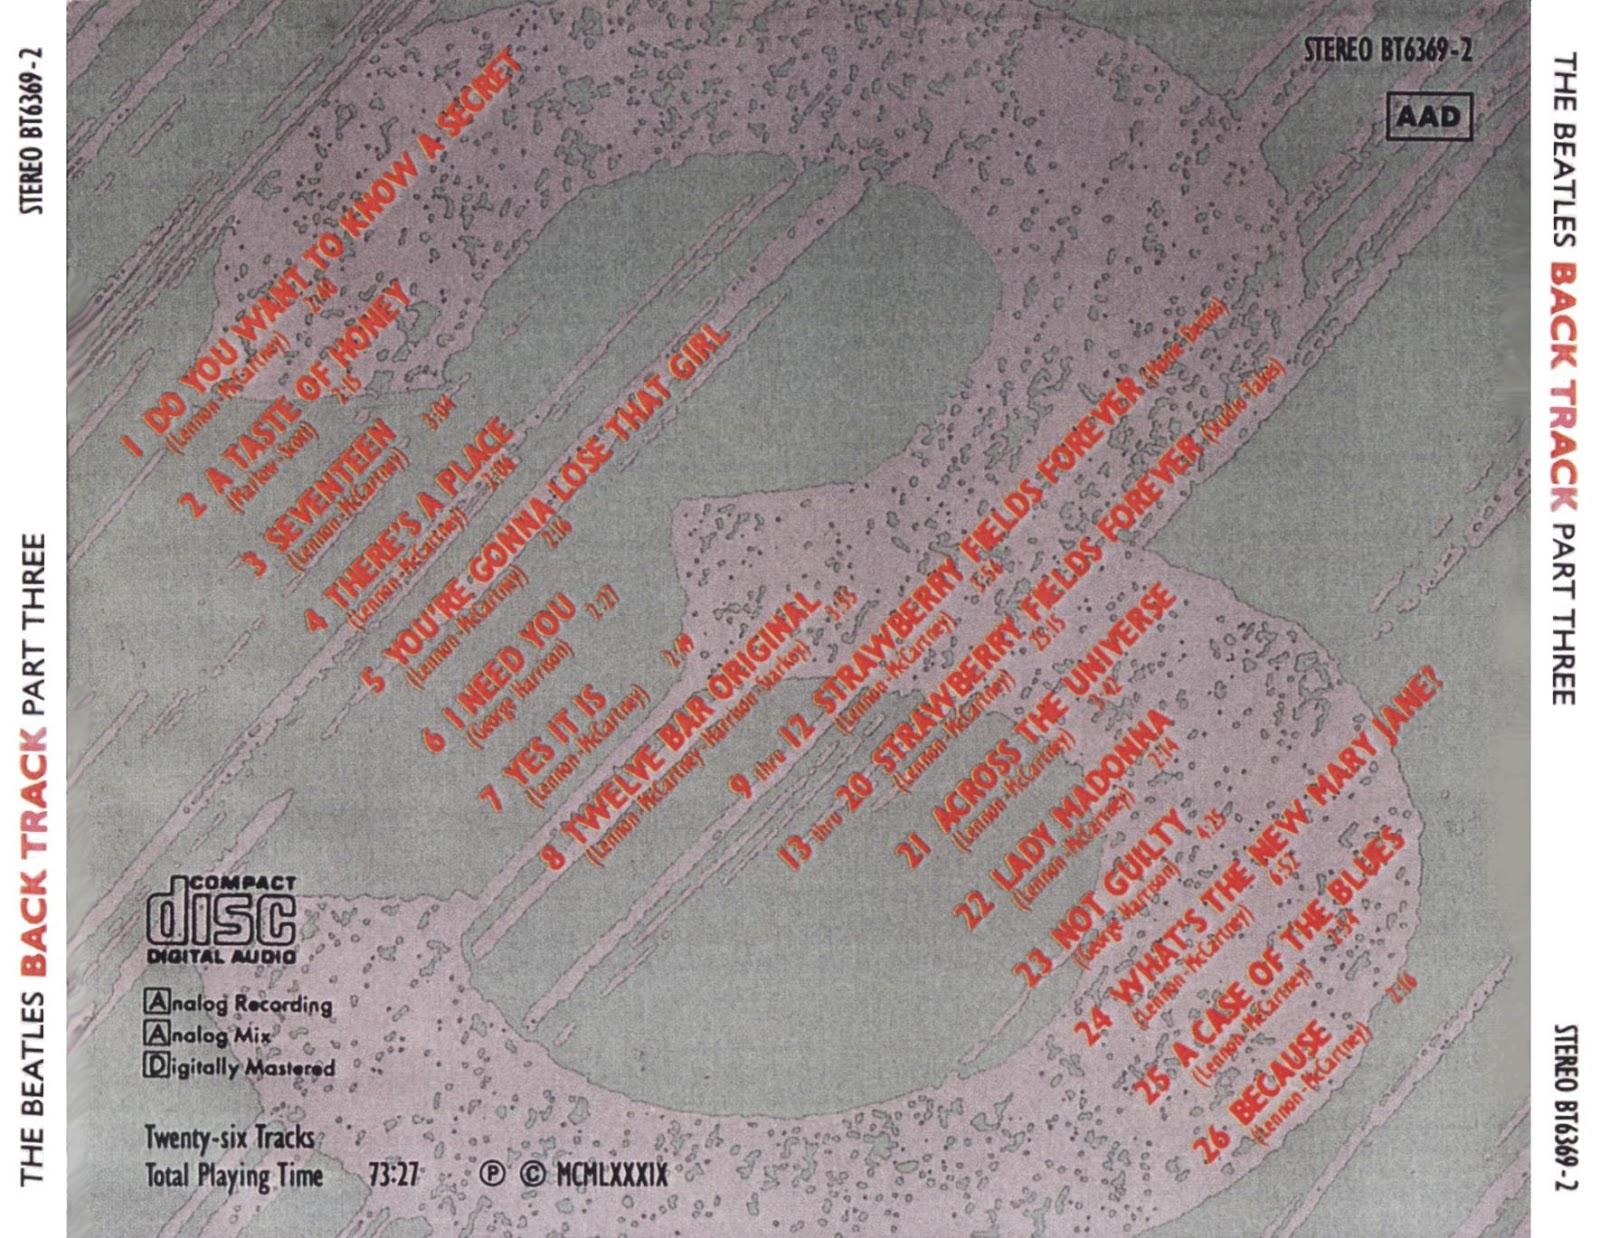 flac demo tracks